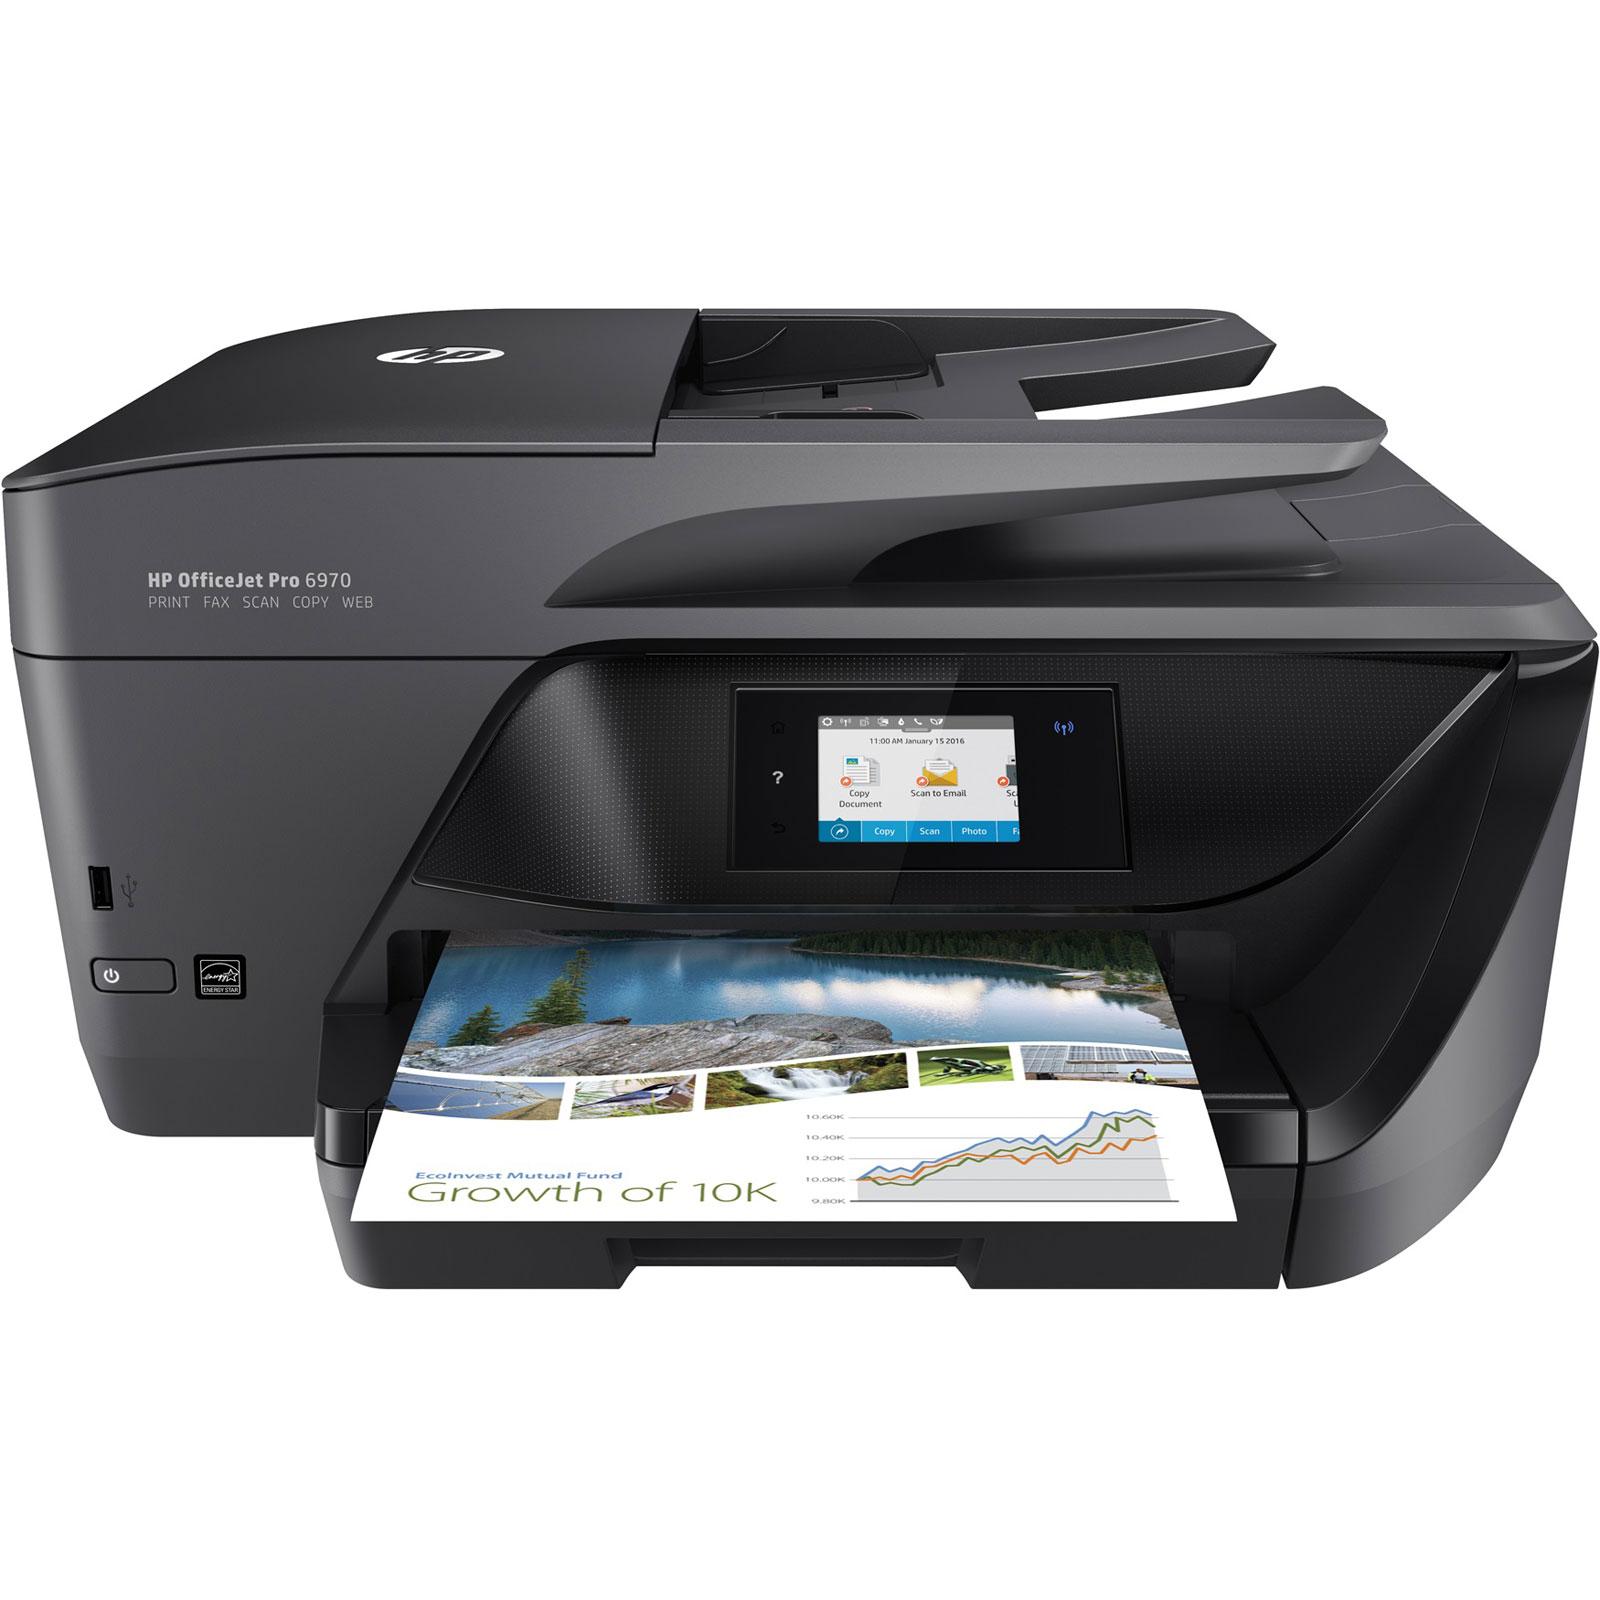 hp officejet pro 6970 imprimante multifonction hp sur. Black Bedroom Furniture Sets. Home Design Ideas